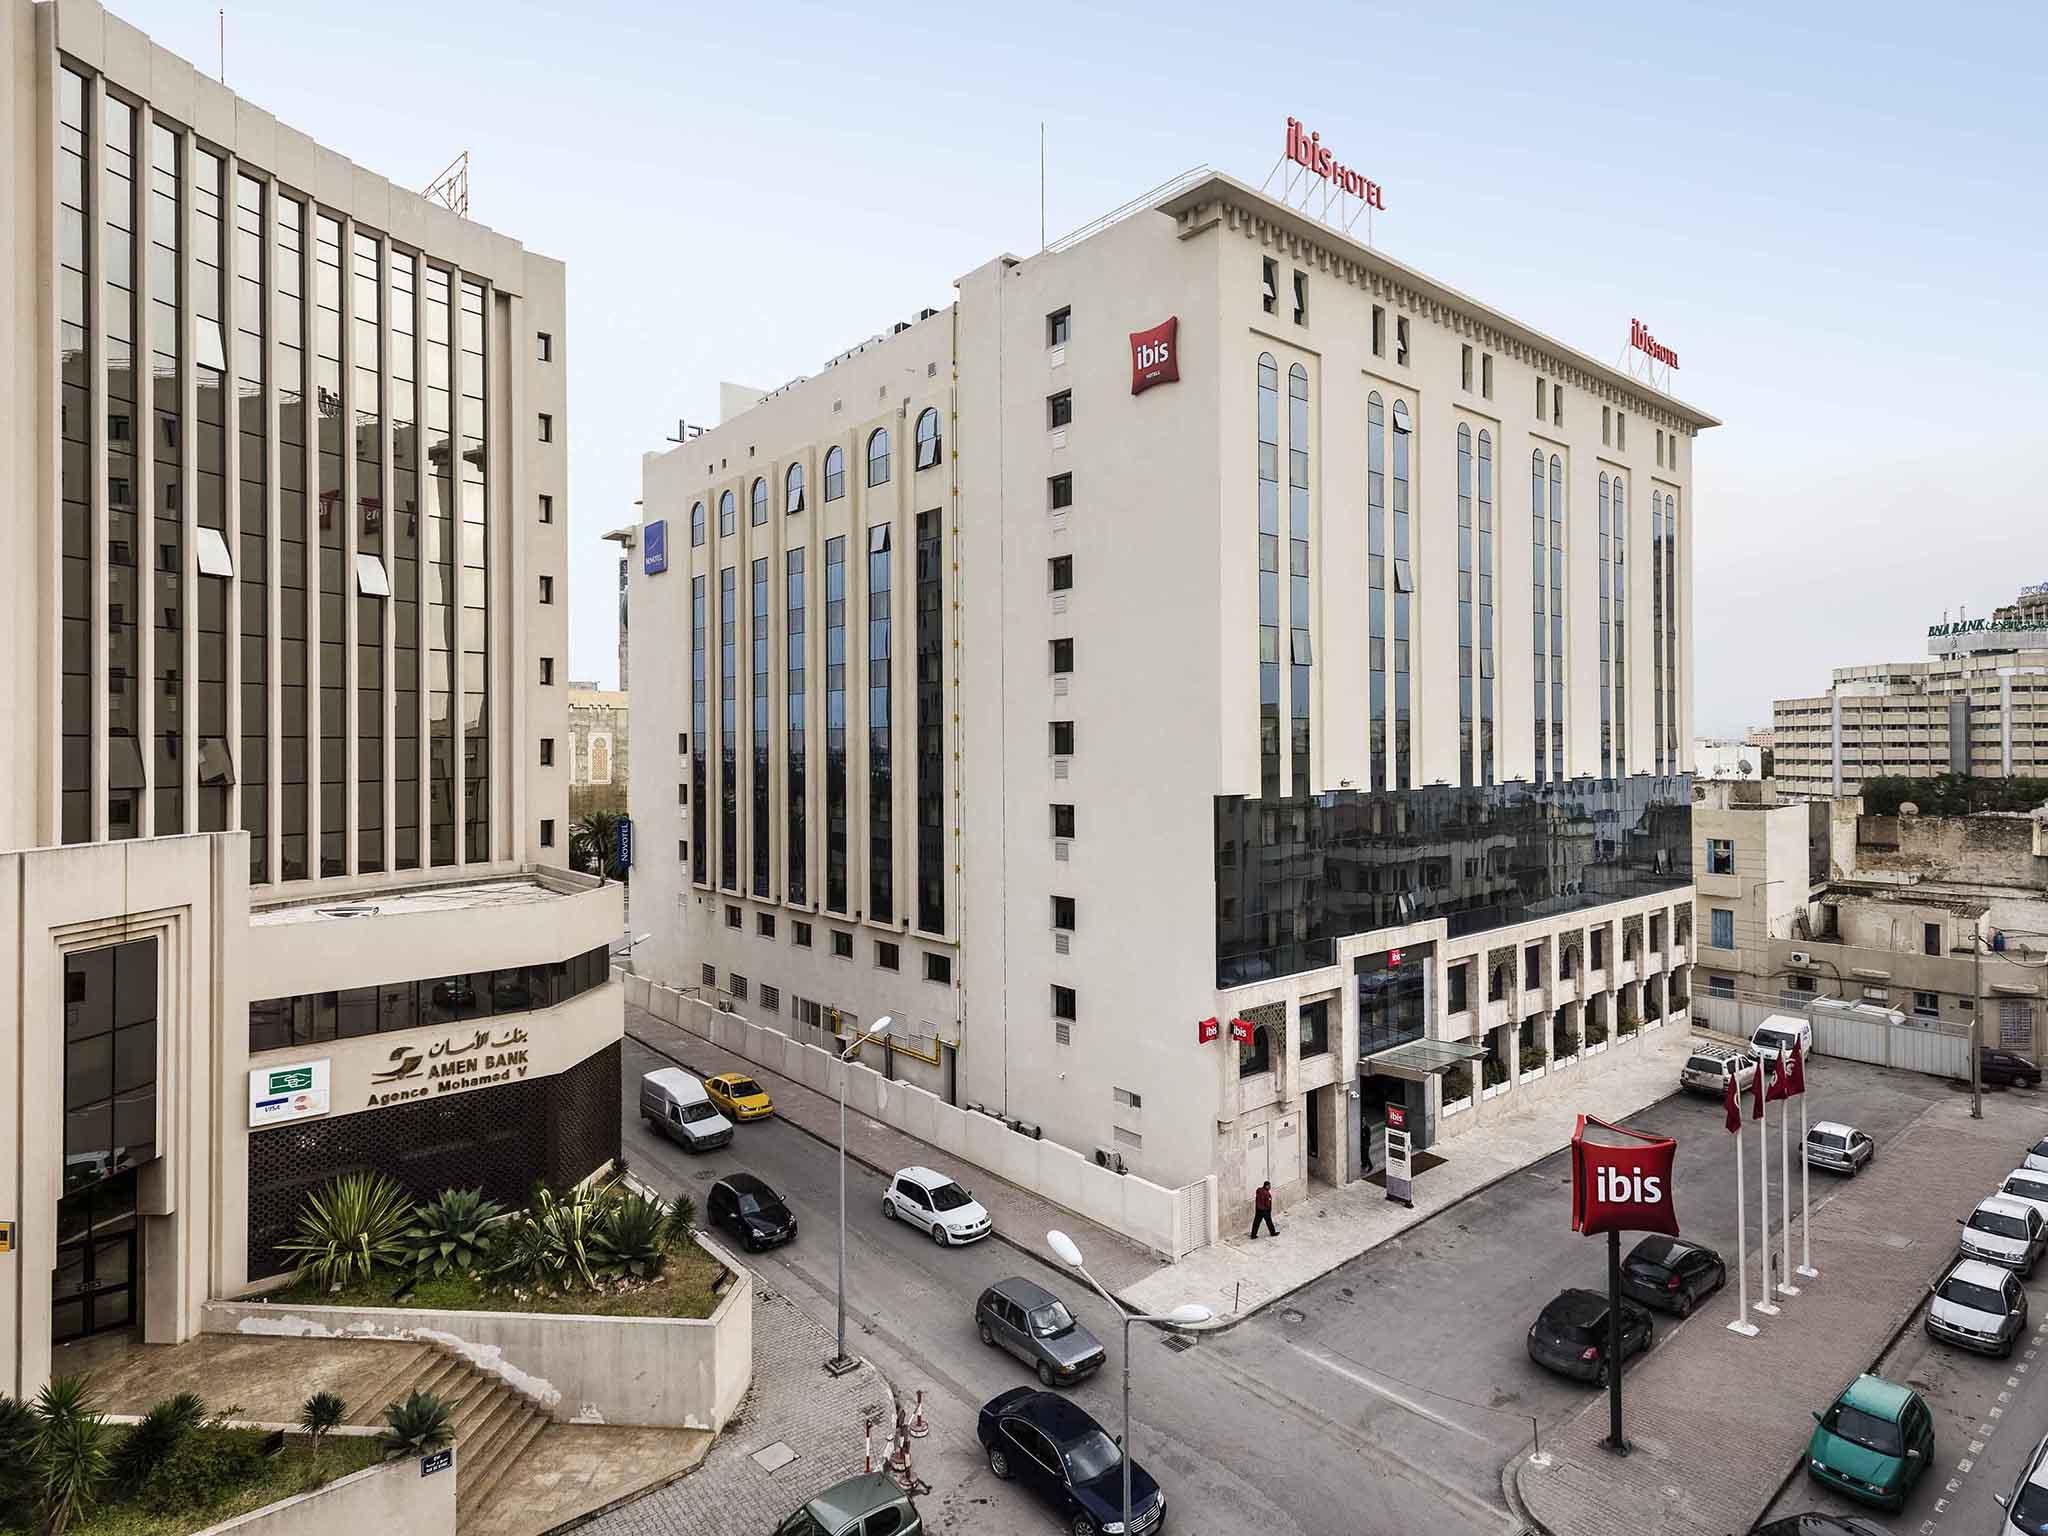 Ibis Hotel Tunis